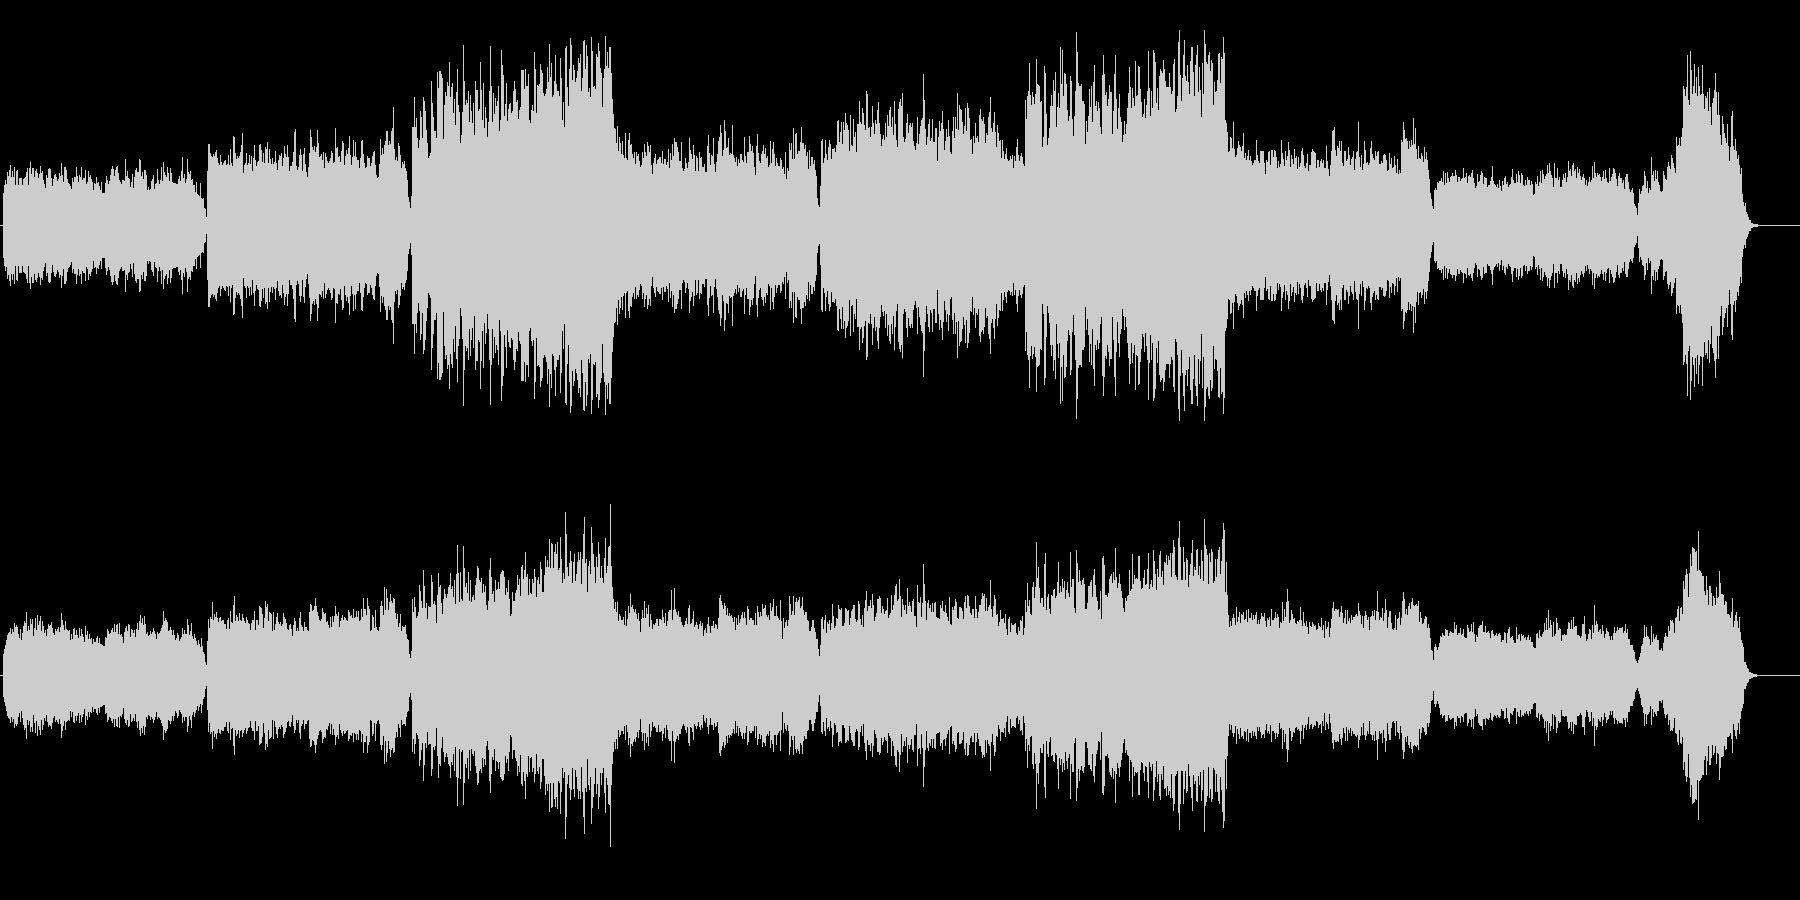 ニンフォマニアックなアンビエントタイトルの未再生の波形